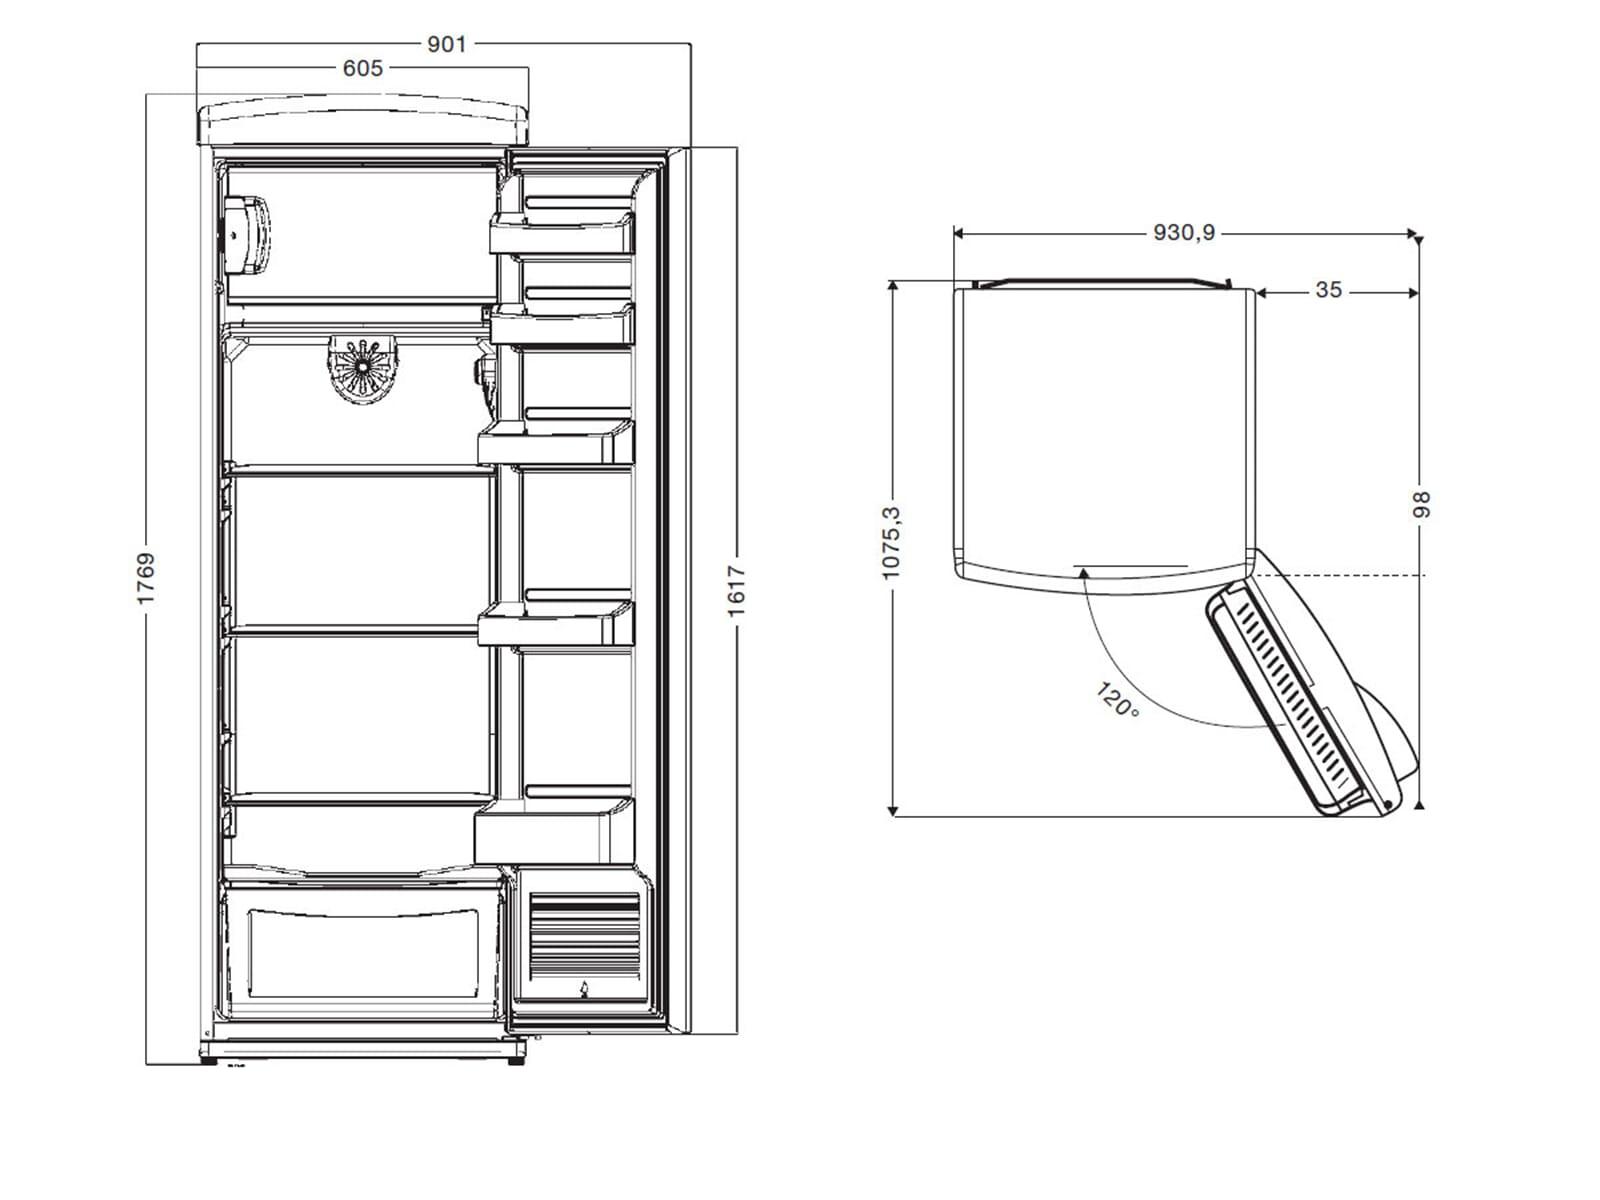 oranier rks 1 standger t k hlschrank lindgr n eisfach. Black Bedroom Furniture Sets. Home Design Ideas